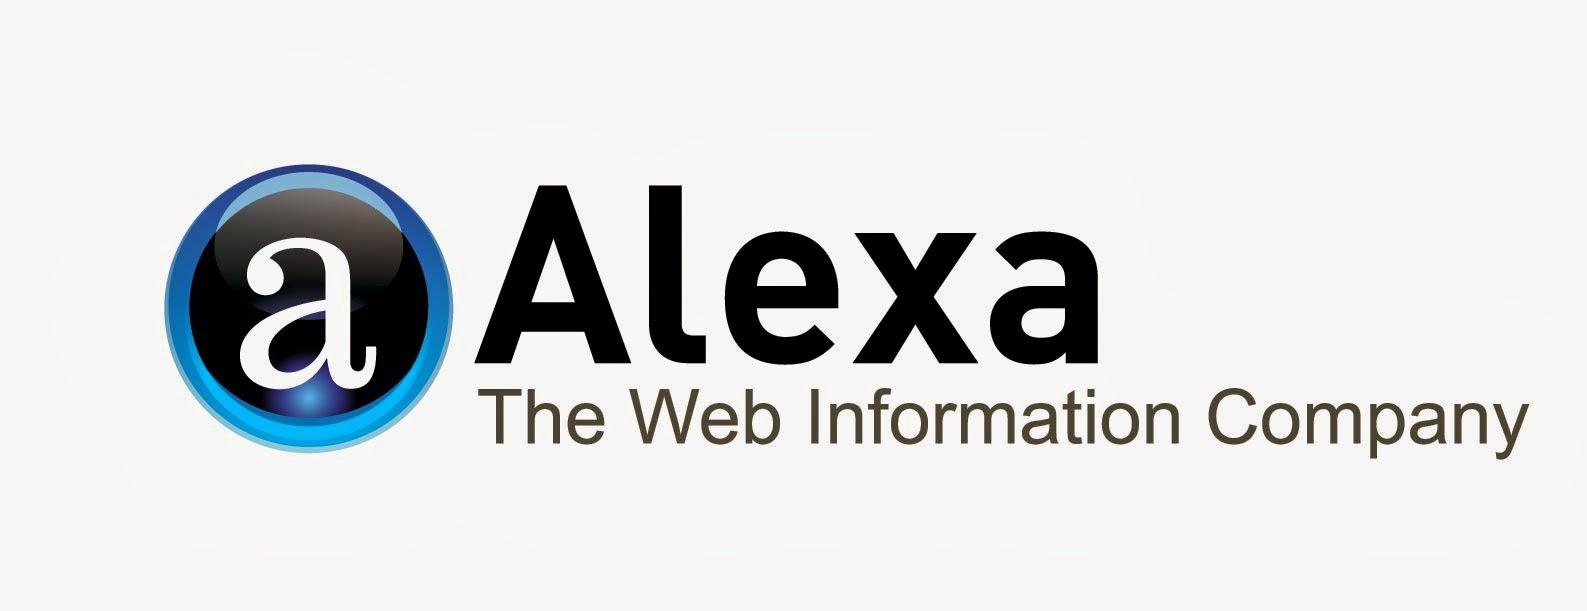 Cara terampuh merampingkan Alexa Rank